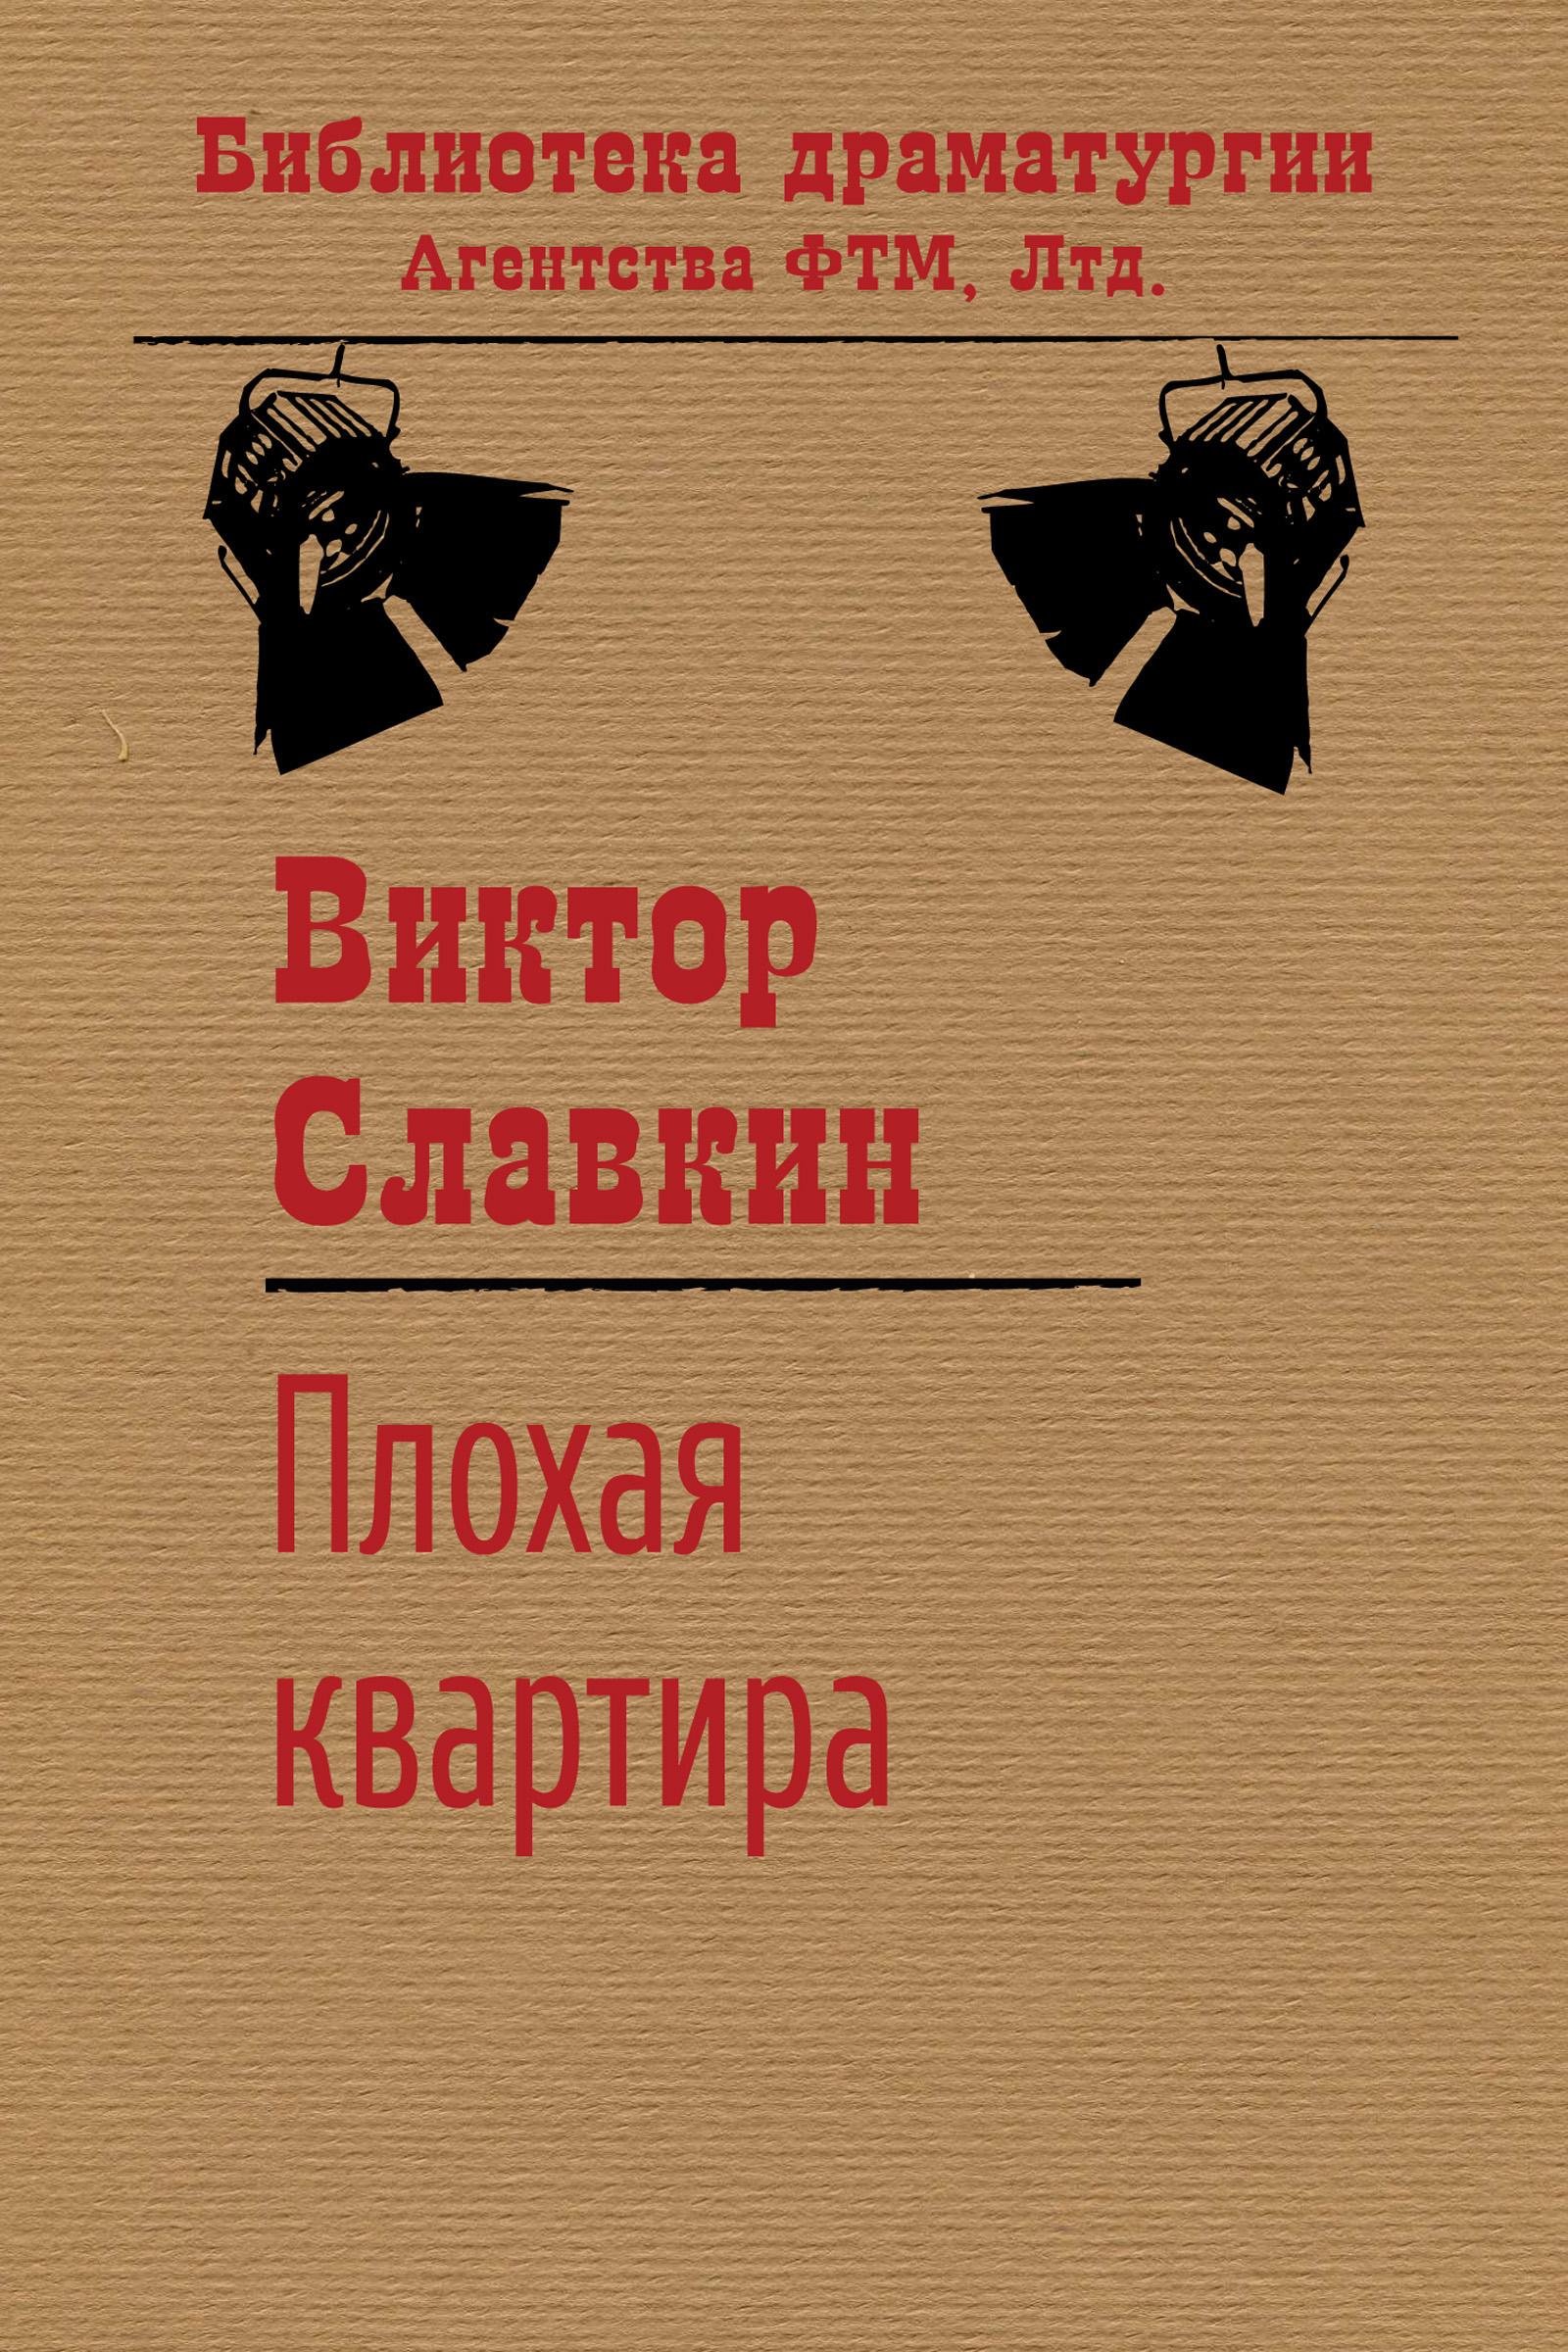 Виктор Славкин Плохая квартира абсурд шкурка абсурд